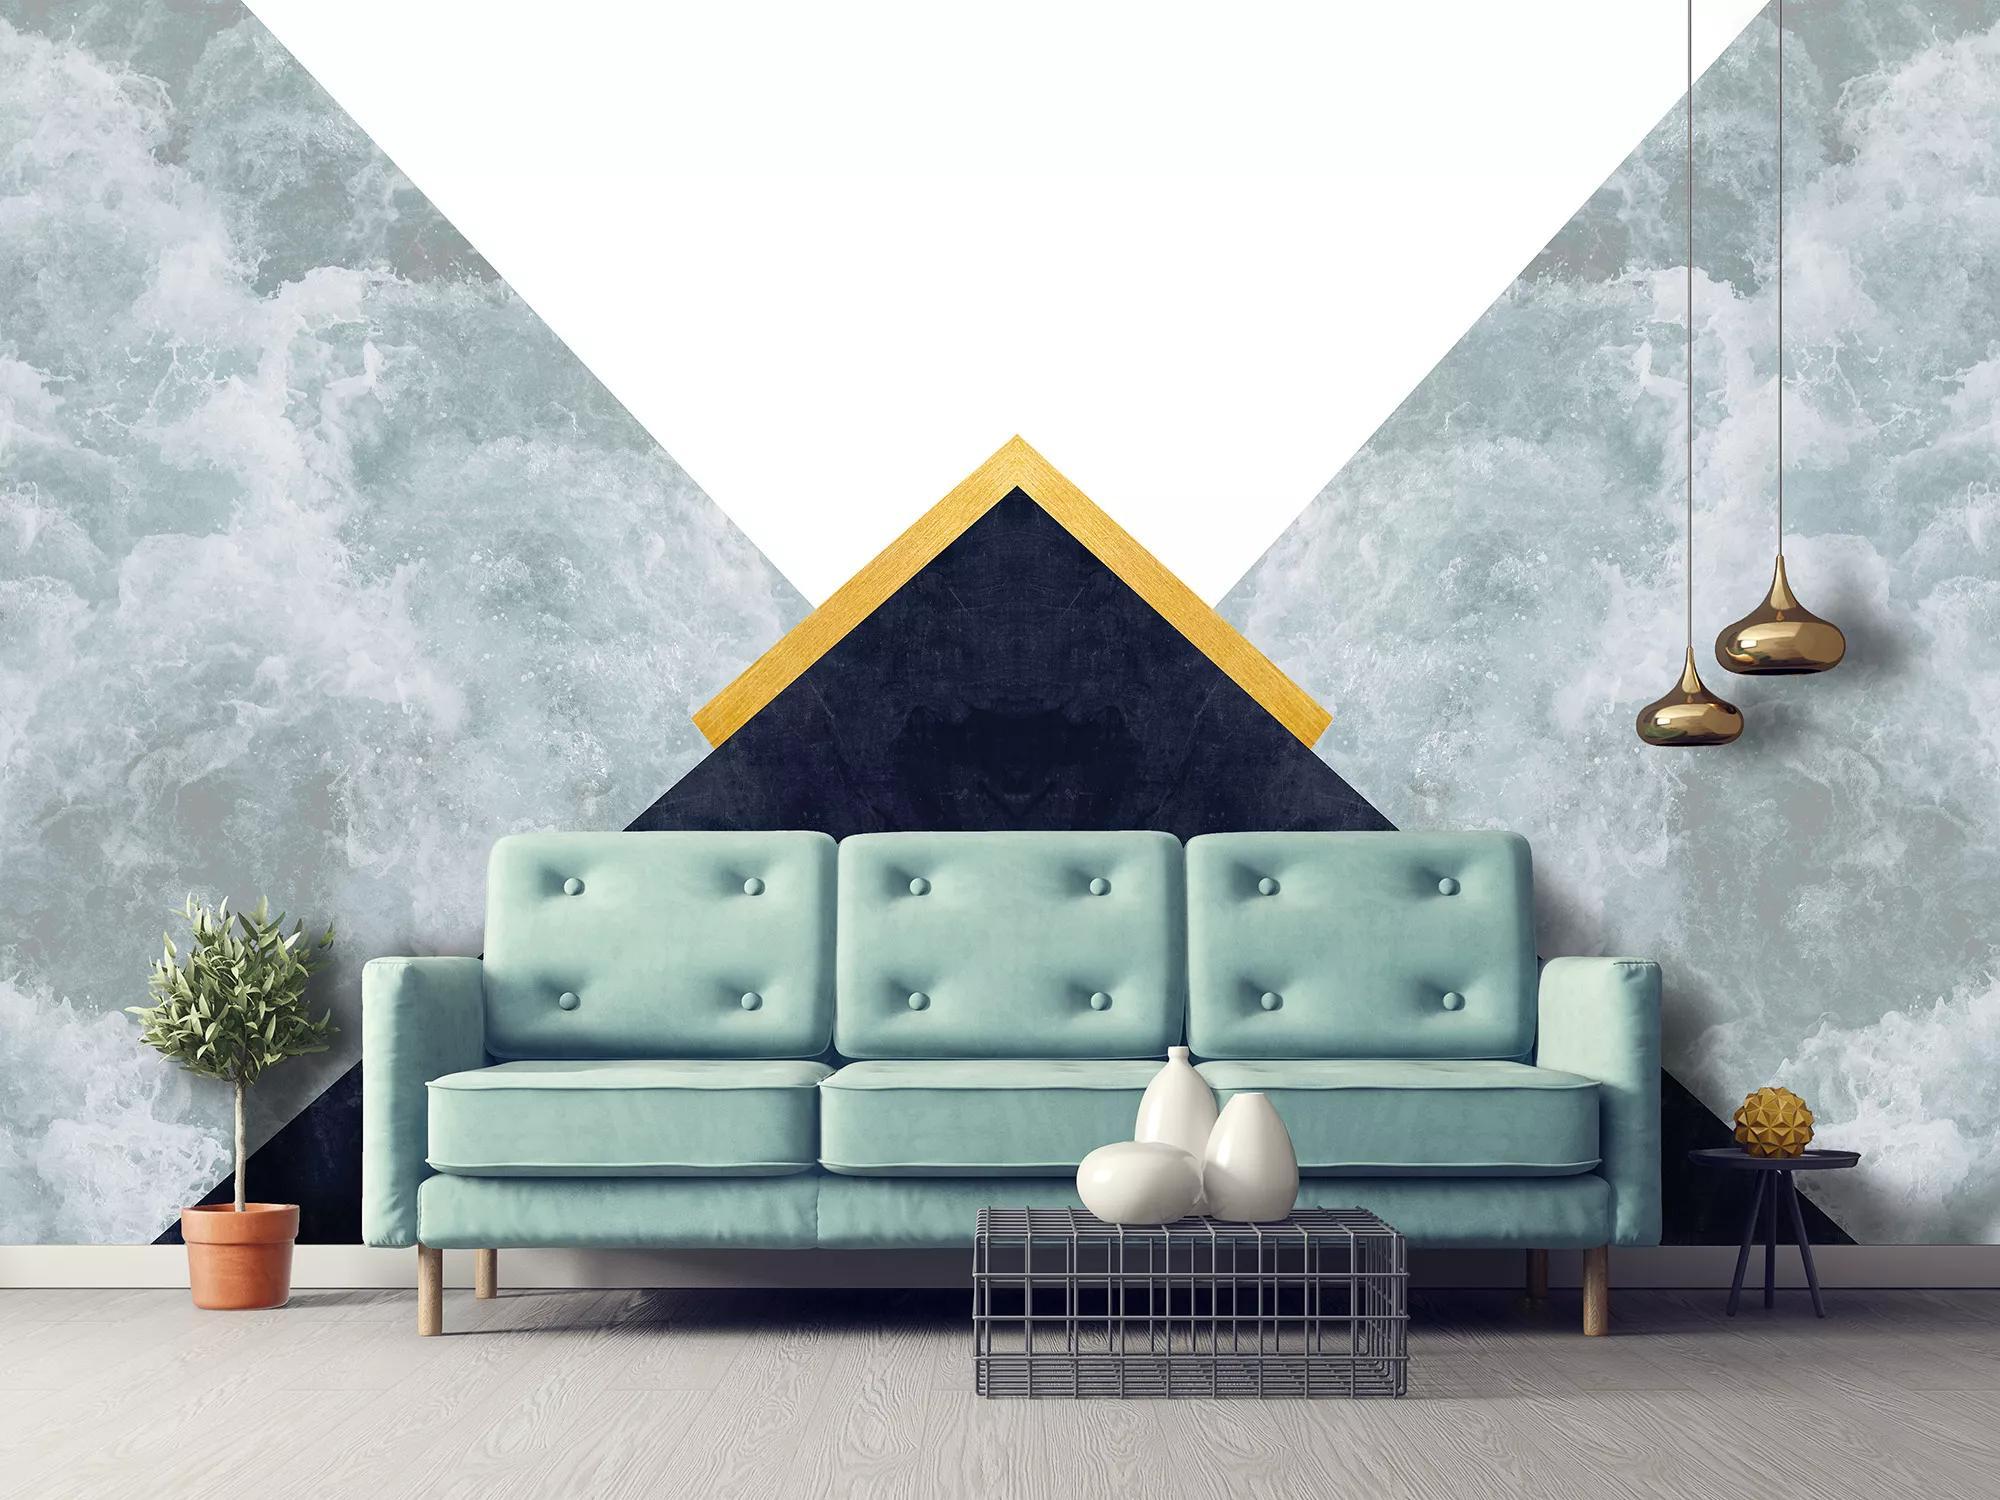 Fali poszter modern háromszög geometrikus mintával